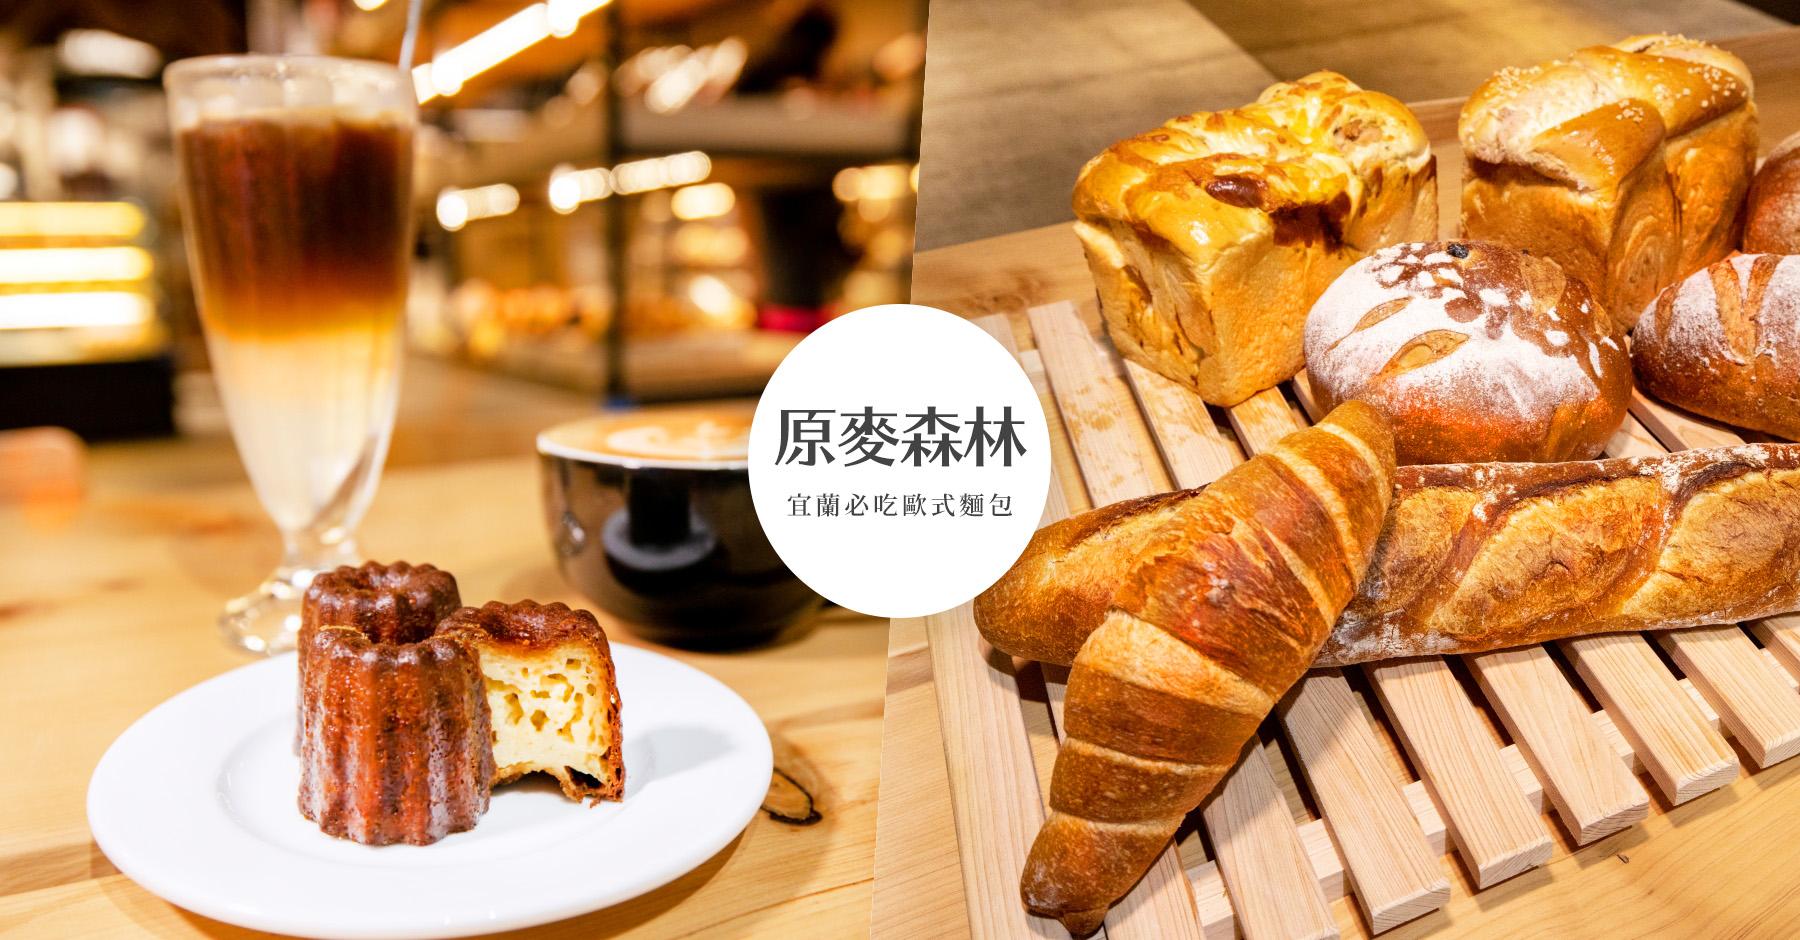 宜蘭羅東麵包店推薦|原麥森林烘焙輕食坊|必吃生吐司法國長棍麵包可麗露可頌